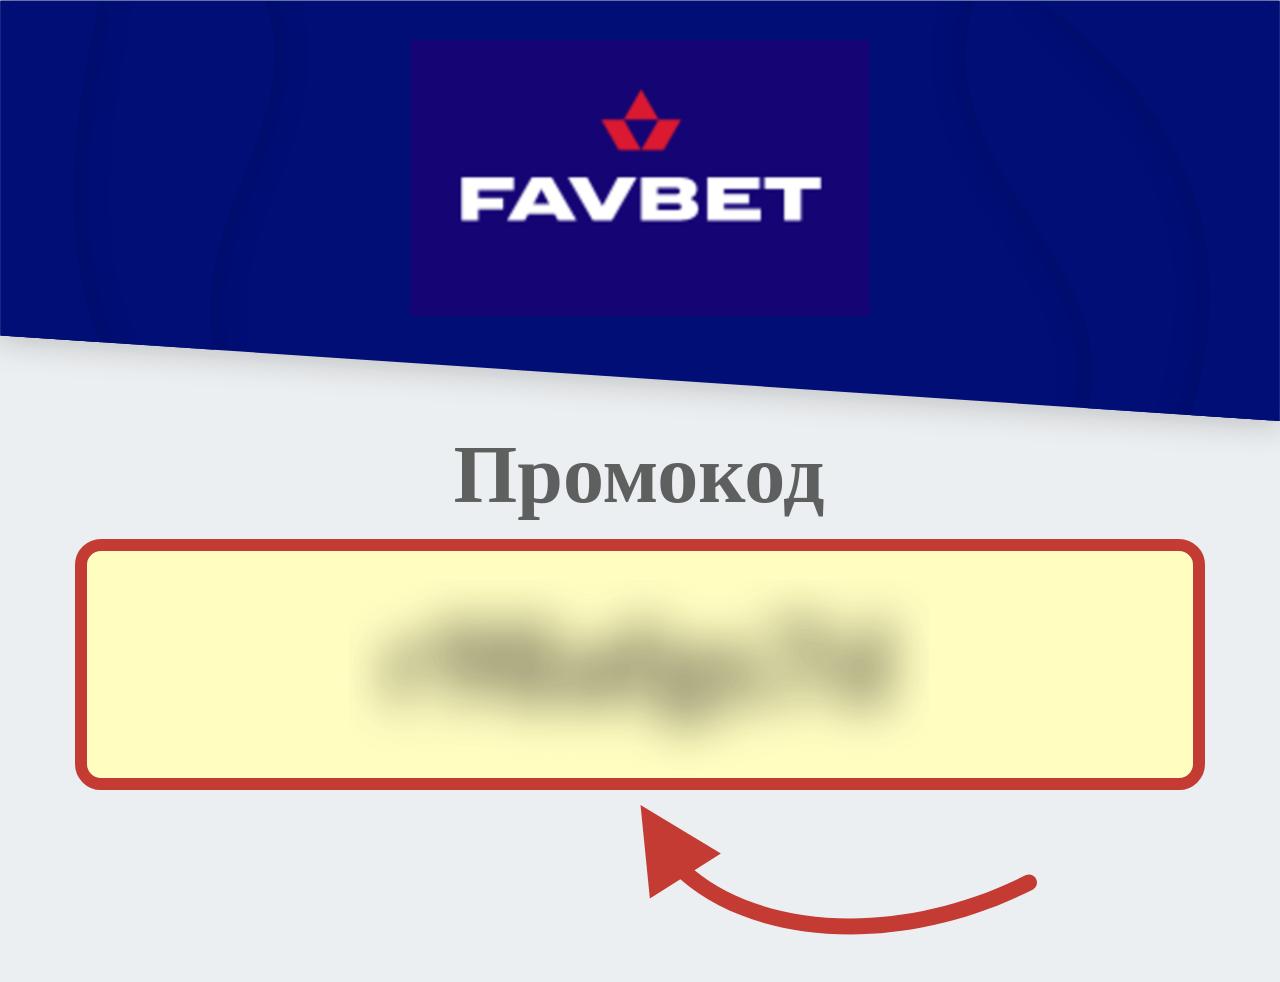 Favbet Промокод